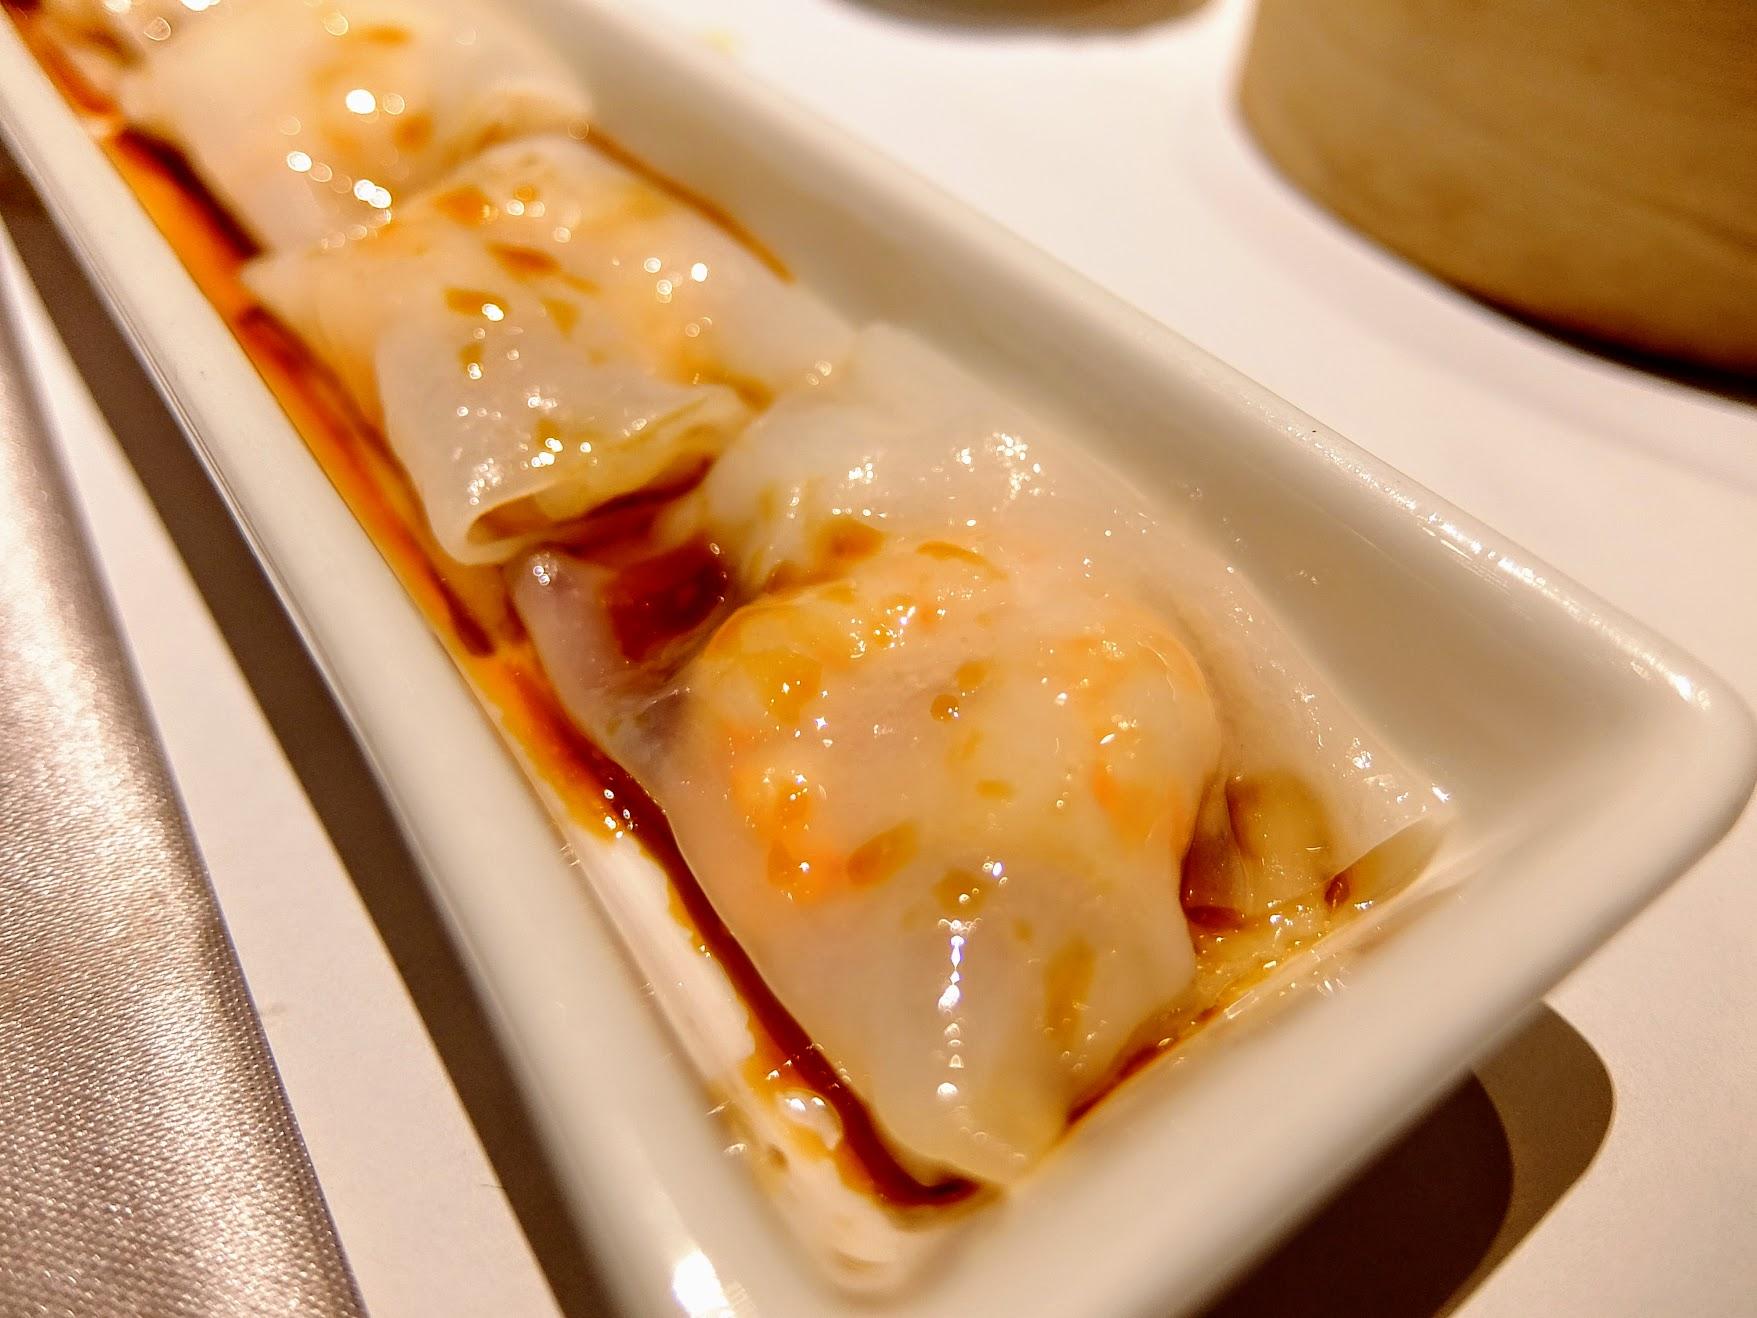 鮮蝦腸粉,粉皮內有一整隻蝦子,還不錯!